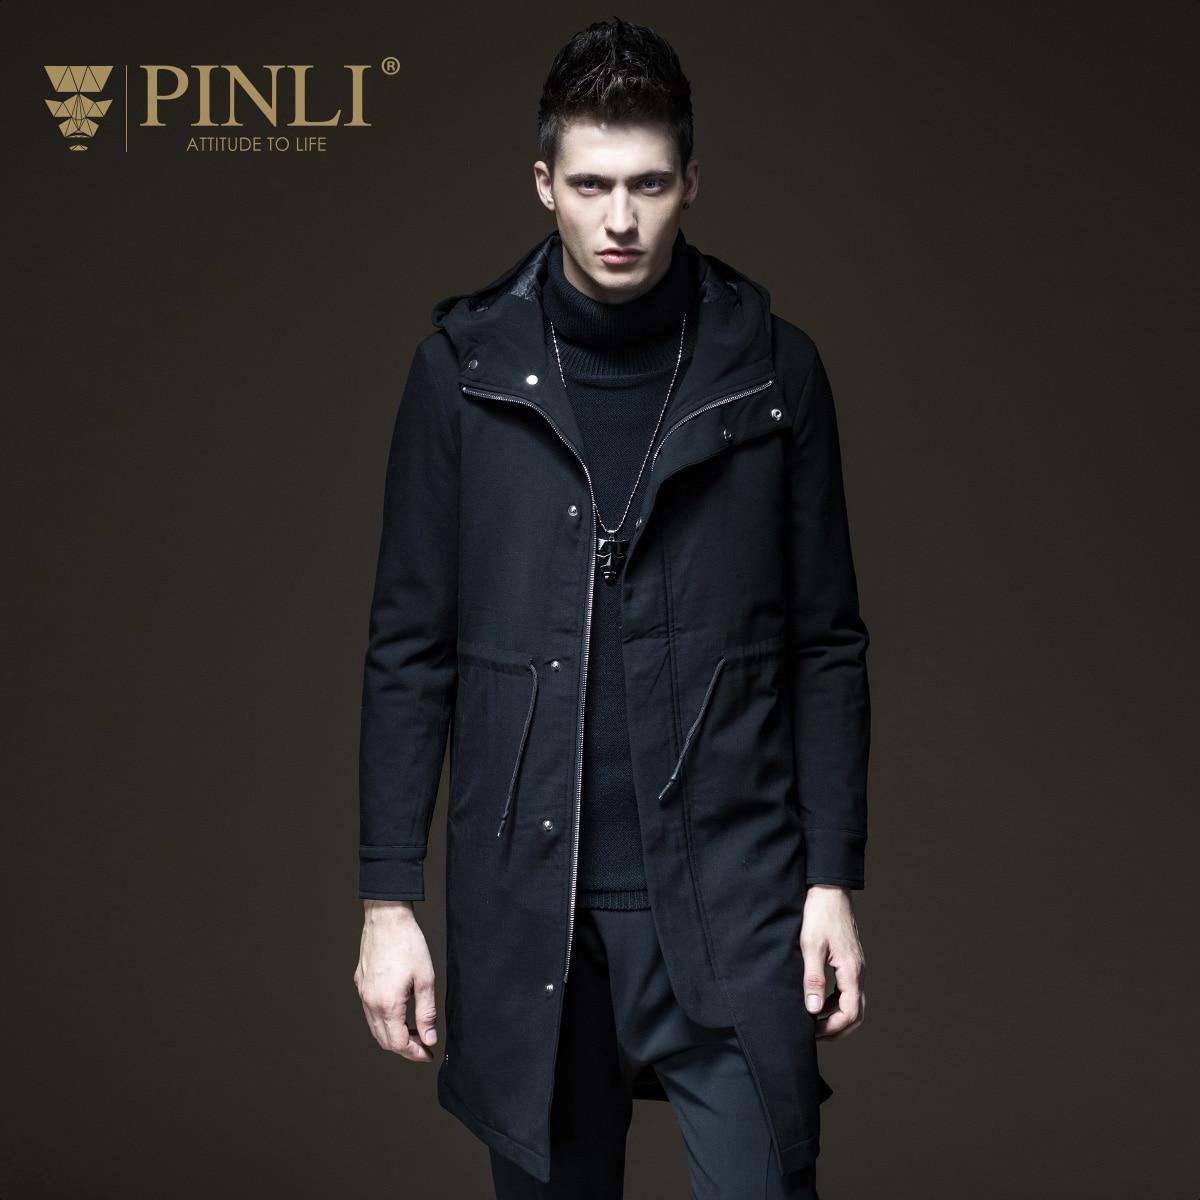 2018 Бросился Новый Pinli продукт изготовлен из культивировать мораль даже крышка теплая хлопковая стеганая одежда мужской хан издание пальто